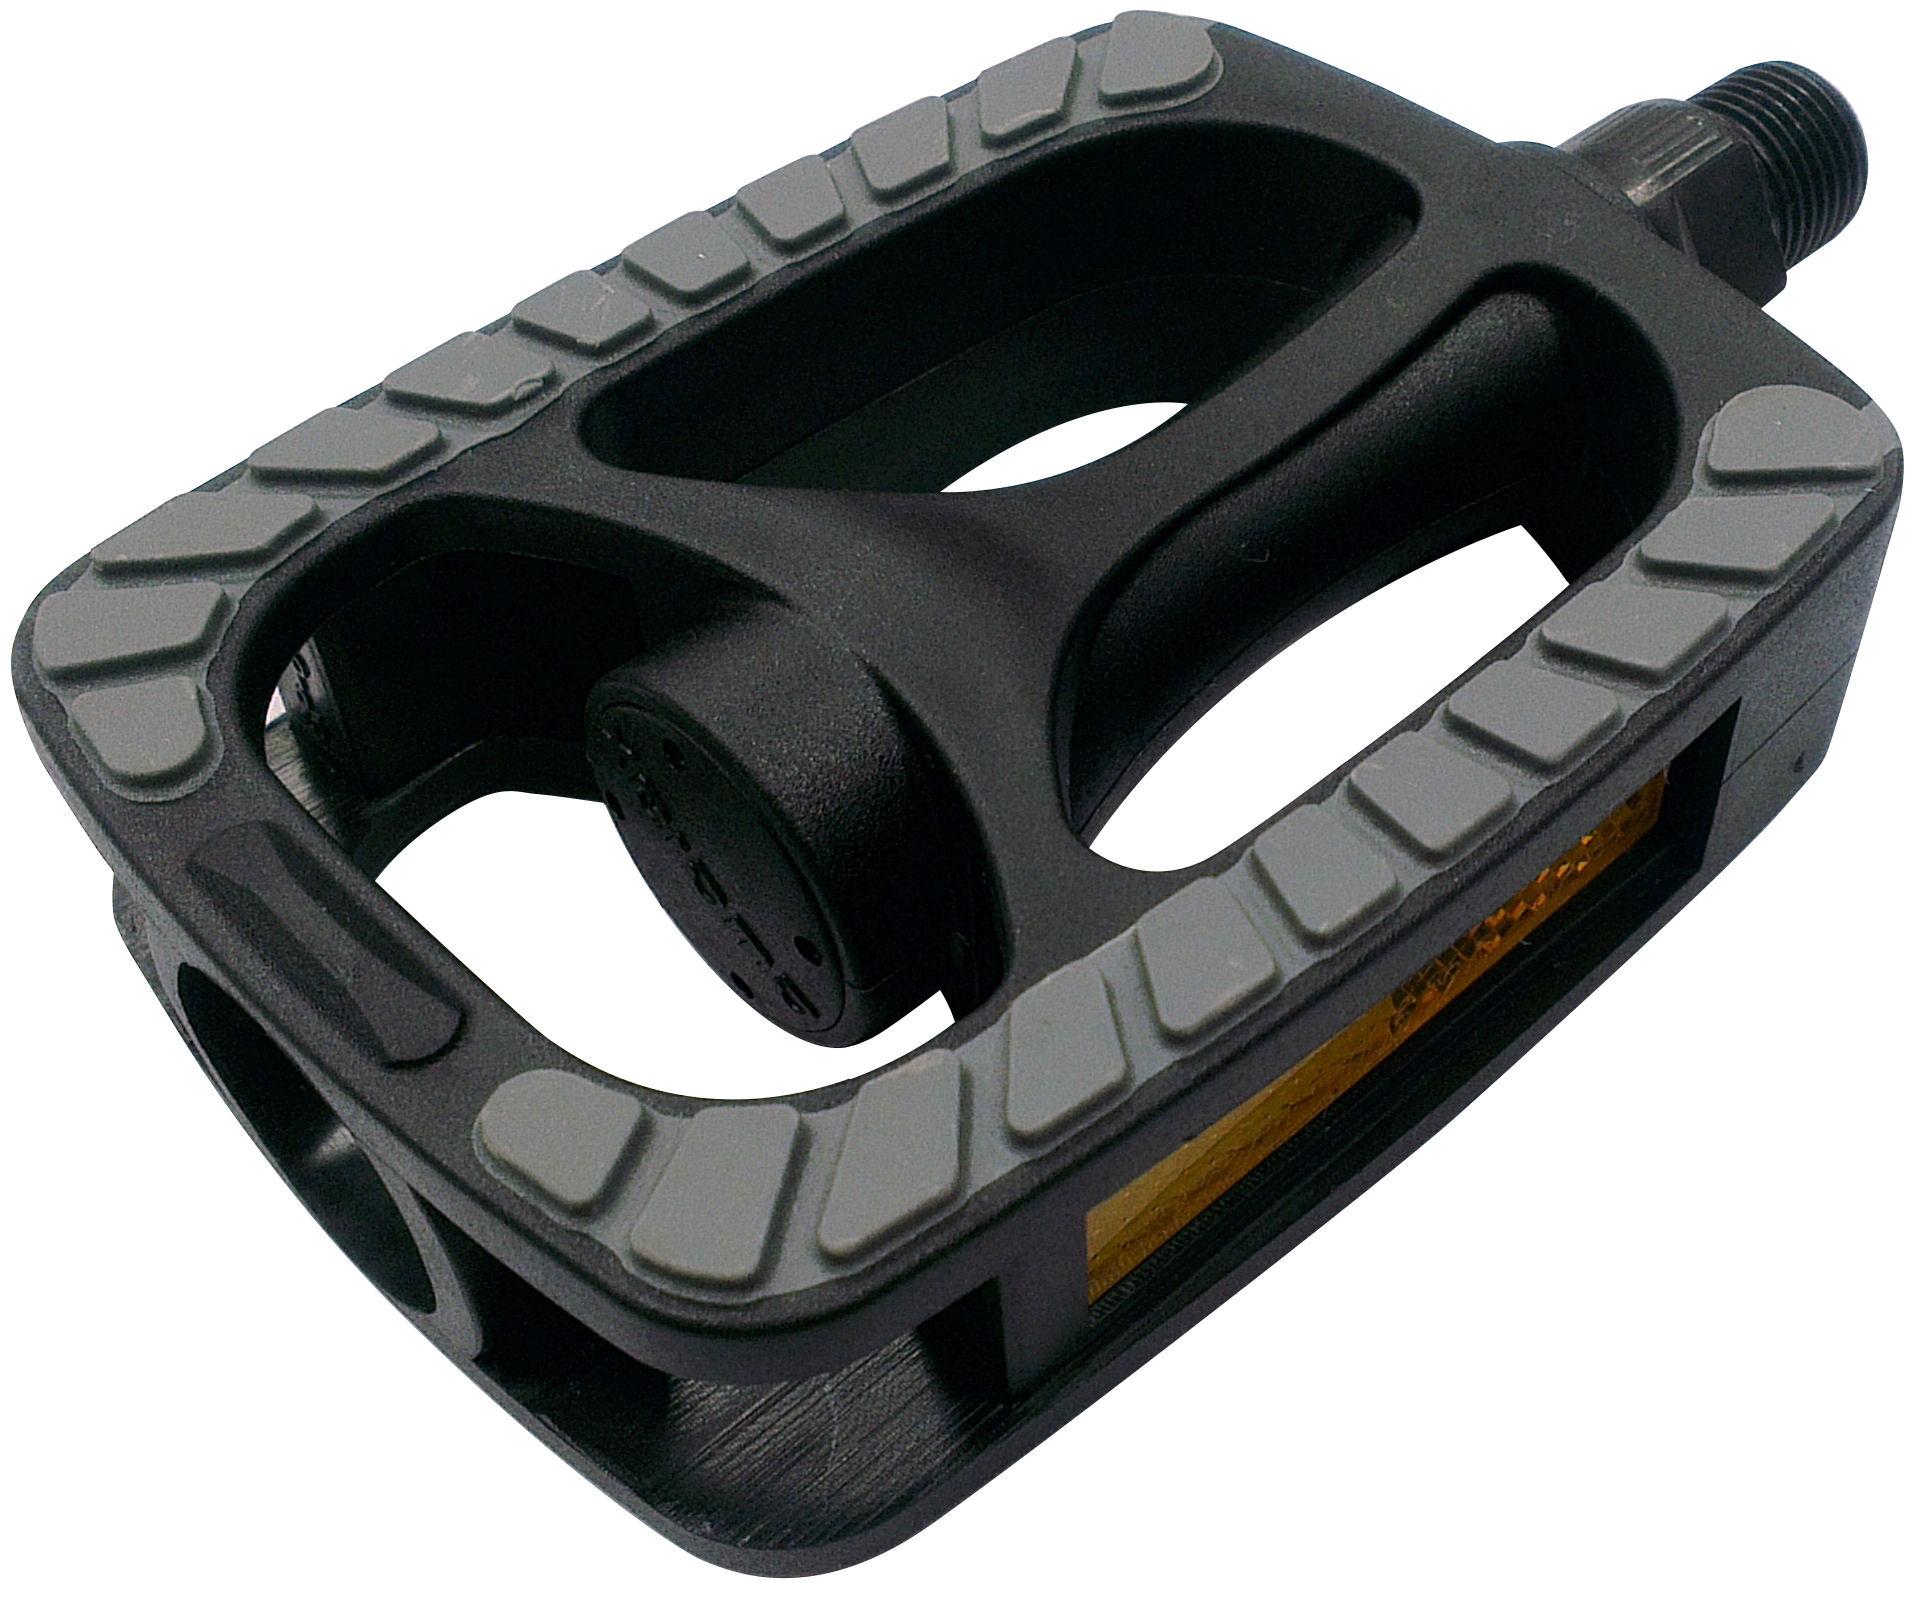 Pedalen Anti-Slip Zwart met grijze non-slip inlay